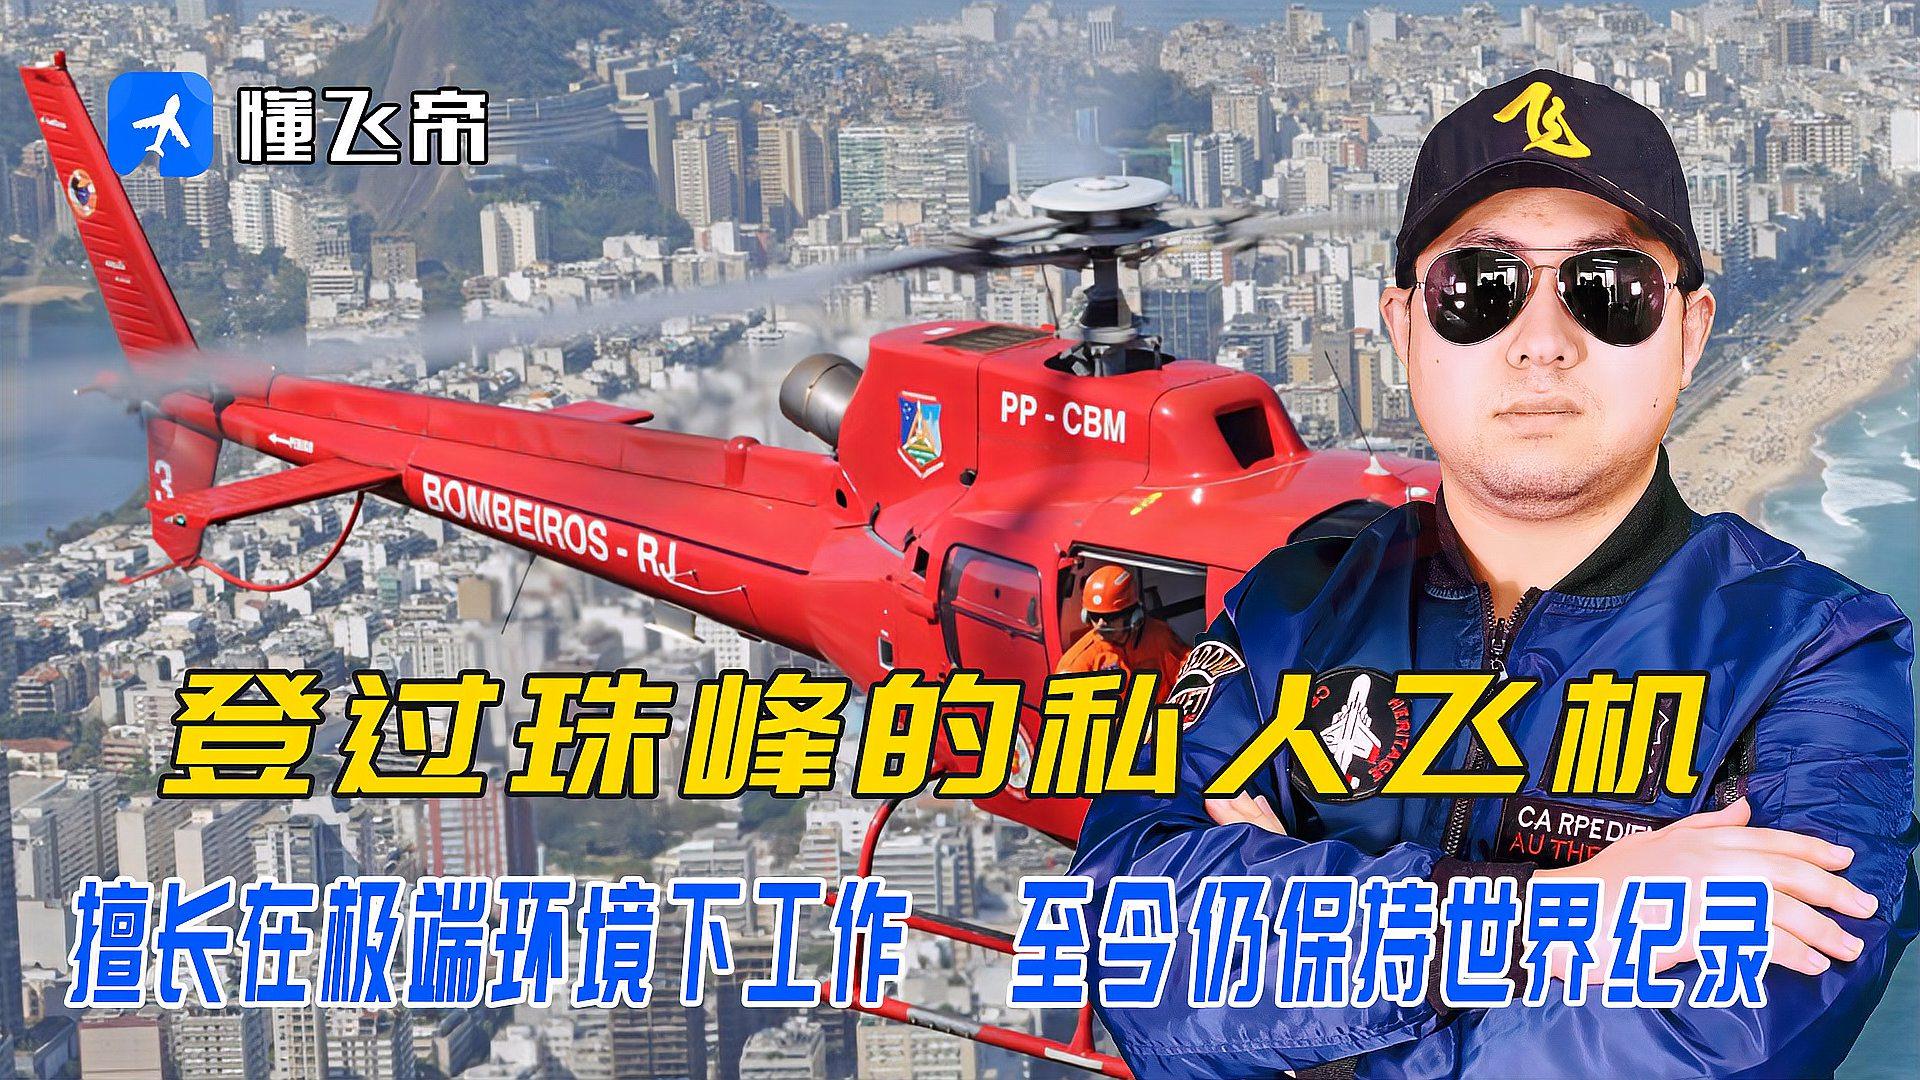 登过珠峰的私人飞机,擅长在极端环境工作,至今保持世界纪录